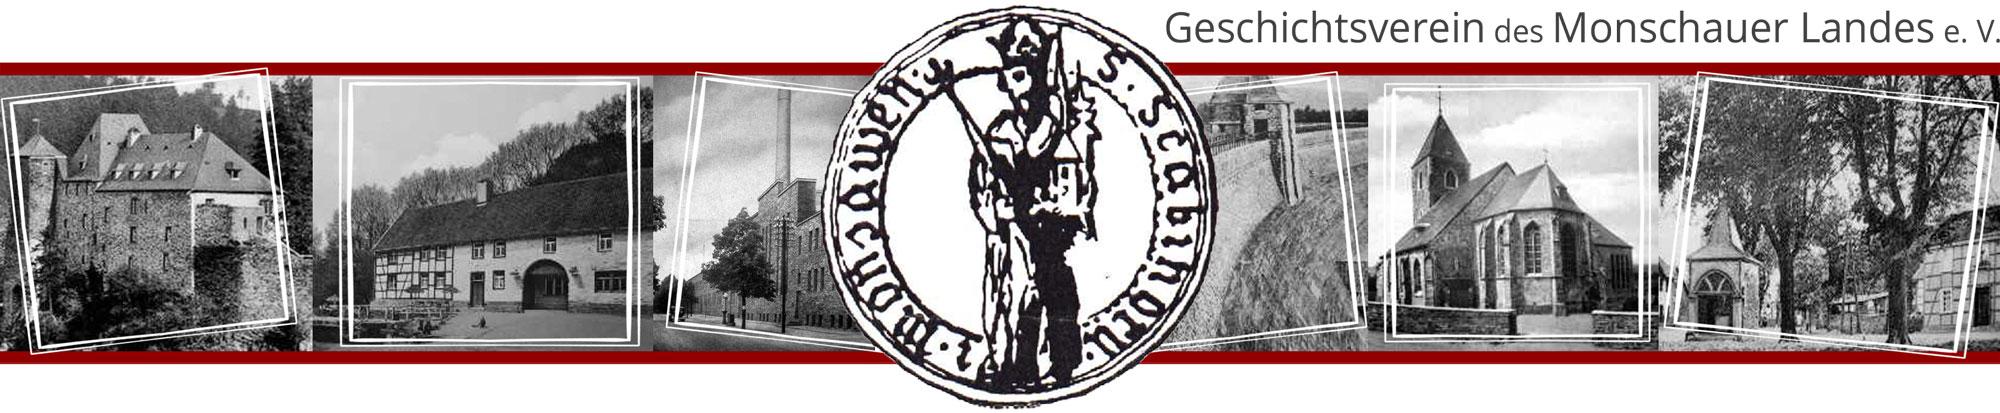 Geschichtsverein des Monschauer Landes